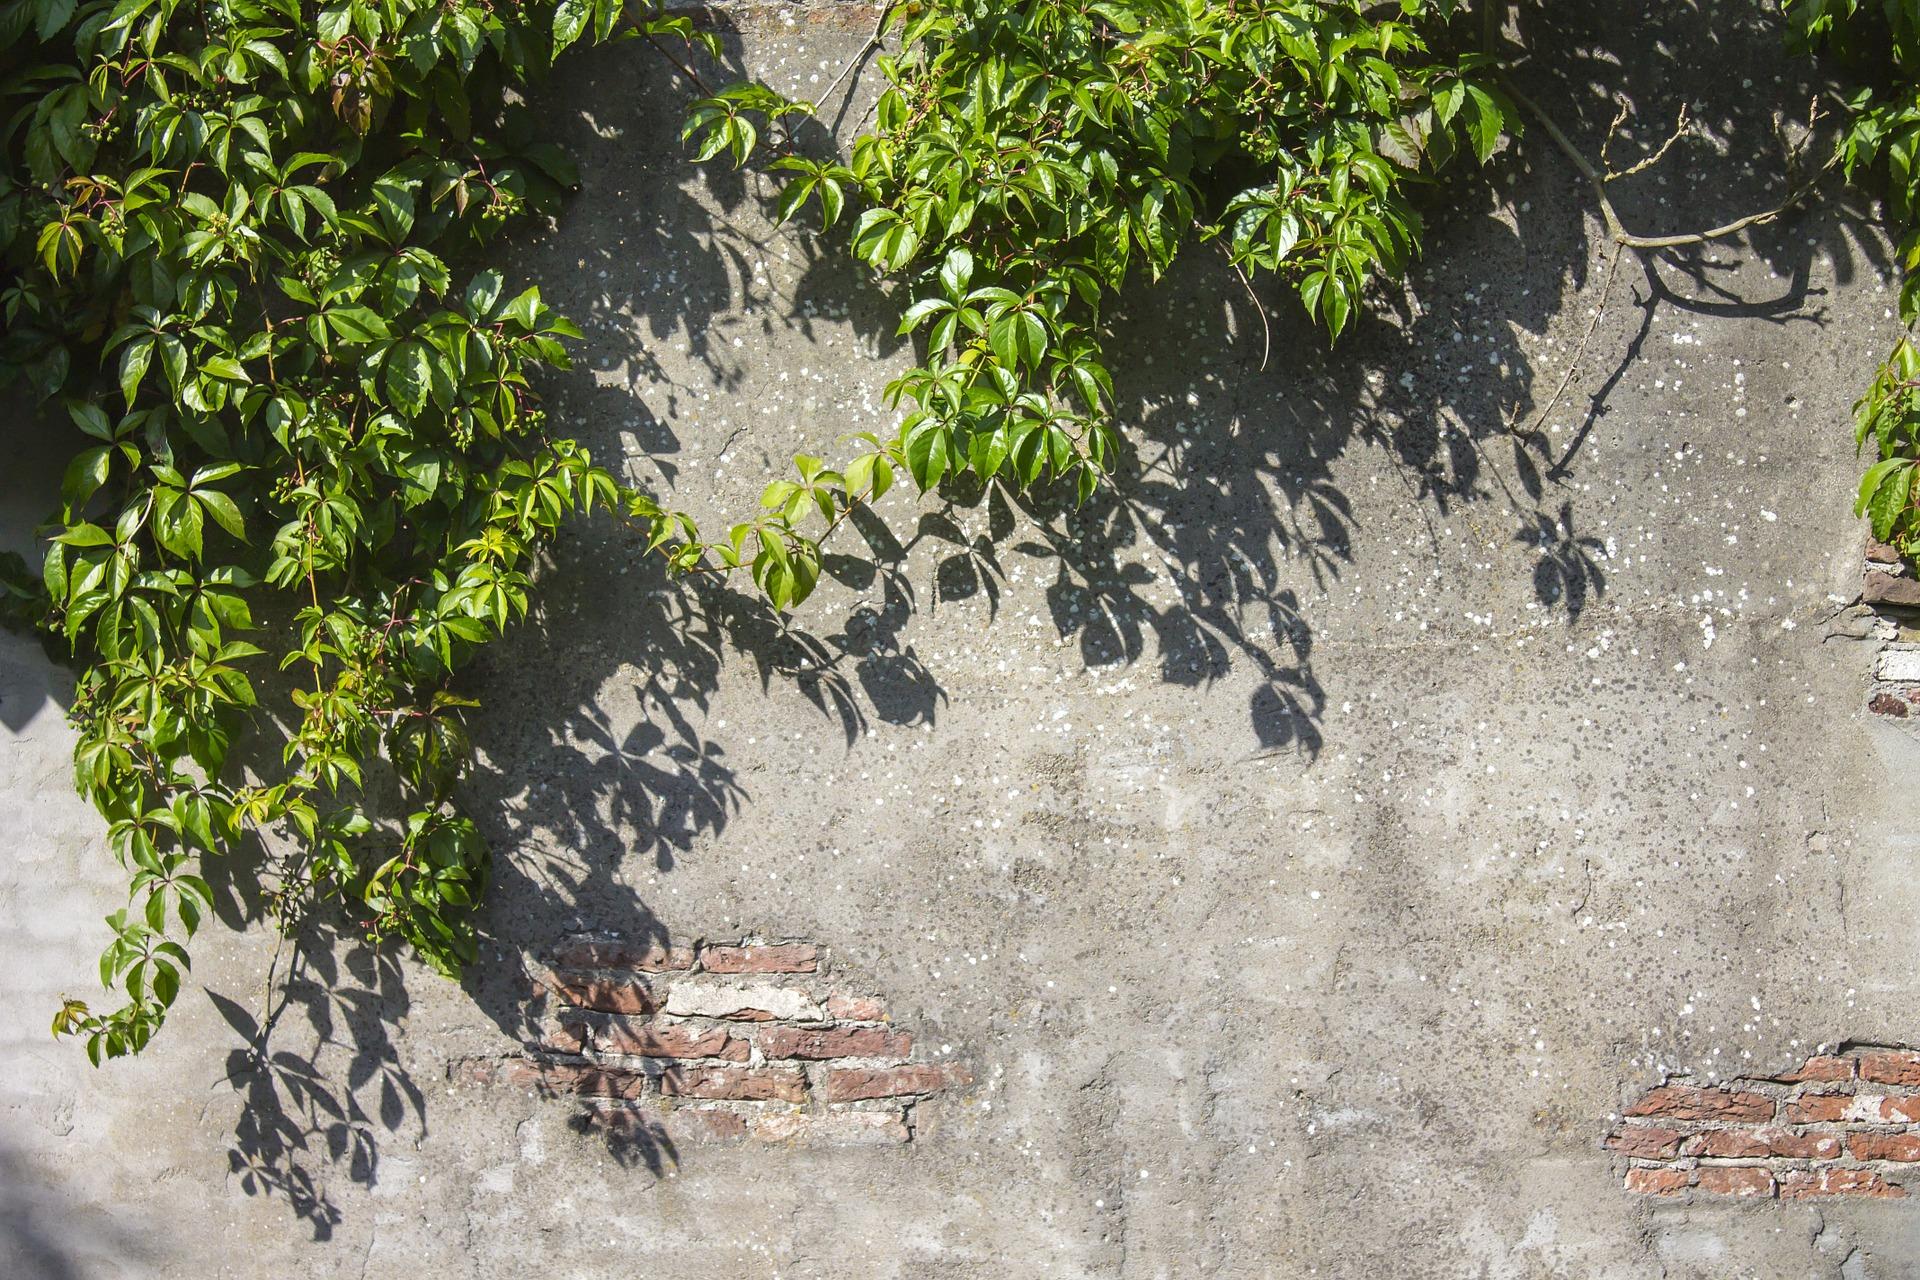 Dach- und Fassadenbegrünungen wirken »fiebersenkend« für den überhitzten Stadtkörper. Bild: Ben Scherjon, Pixabay.